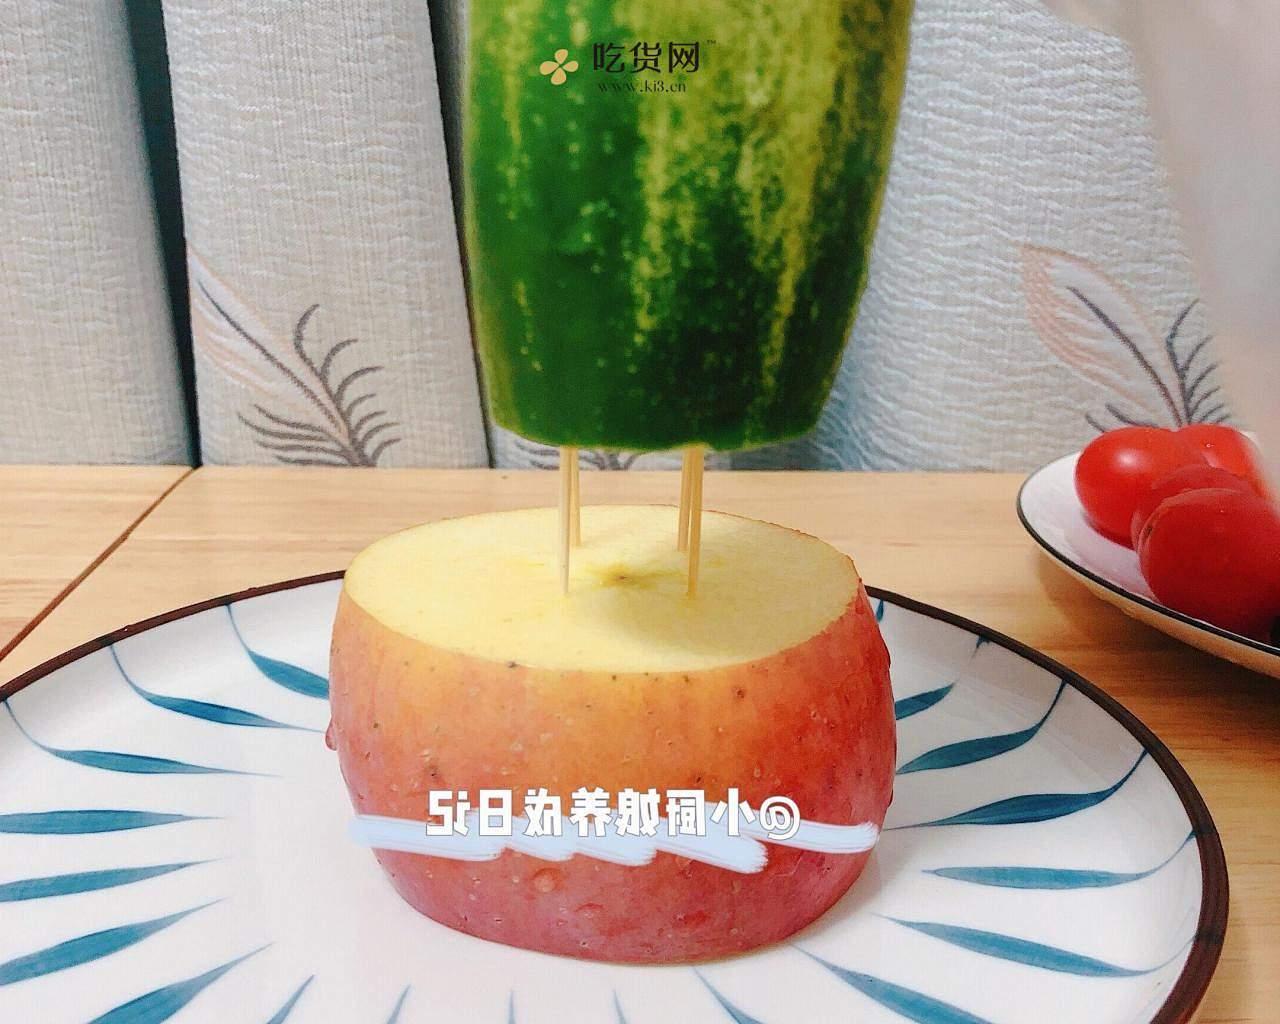 【🎄水果圣诞树】的做法 步骤3